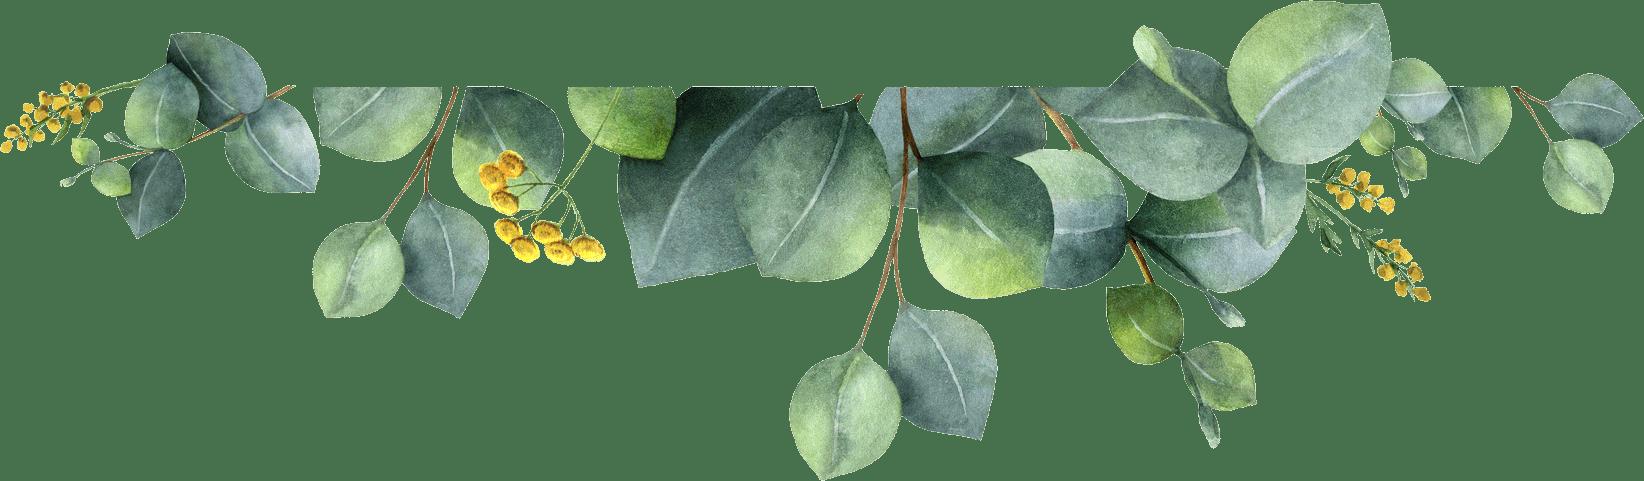 Plant, Flower, Leaf, Branch, Twig, Tree